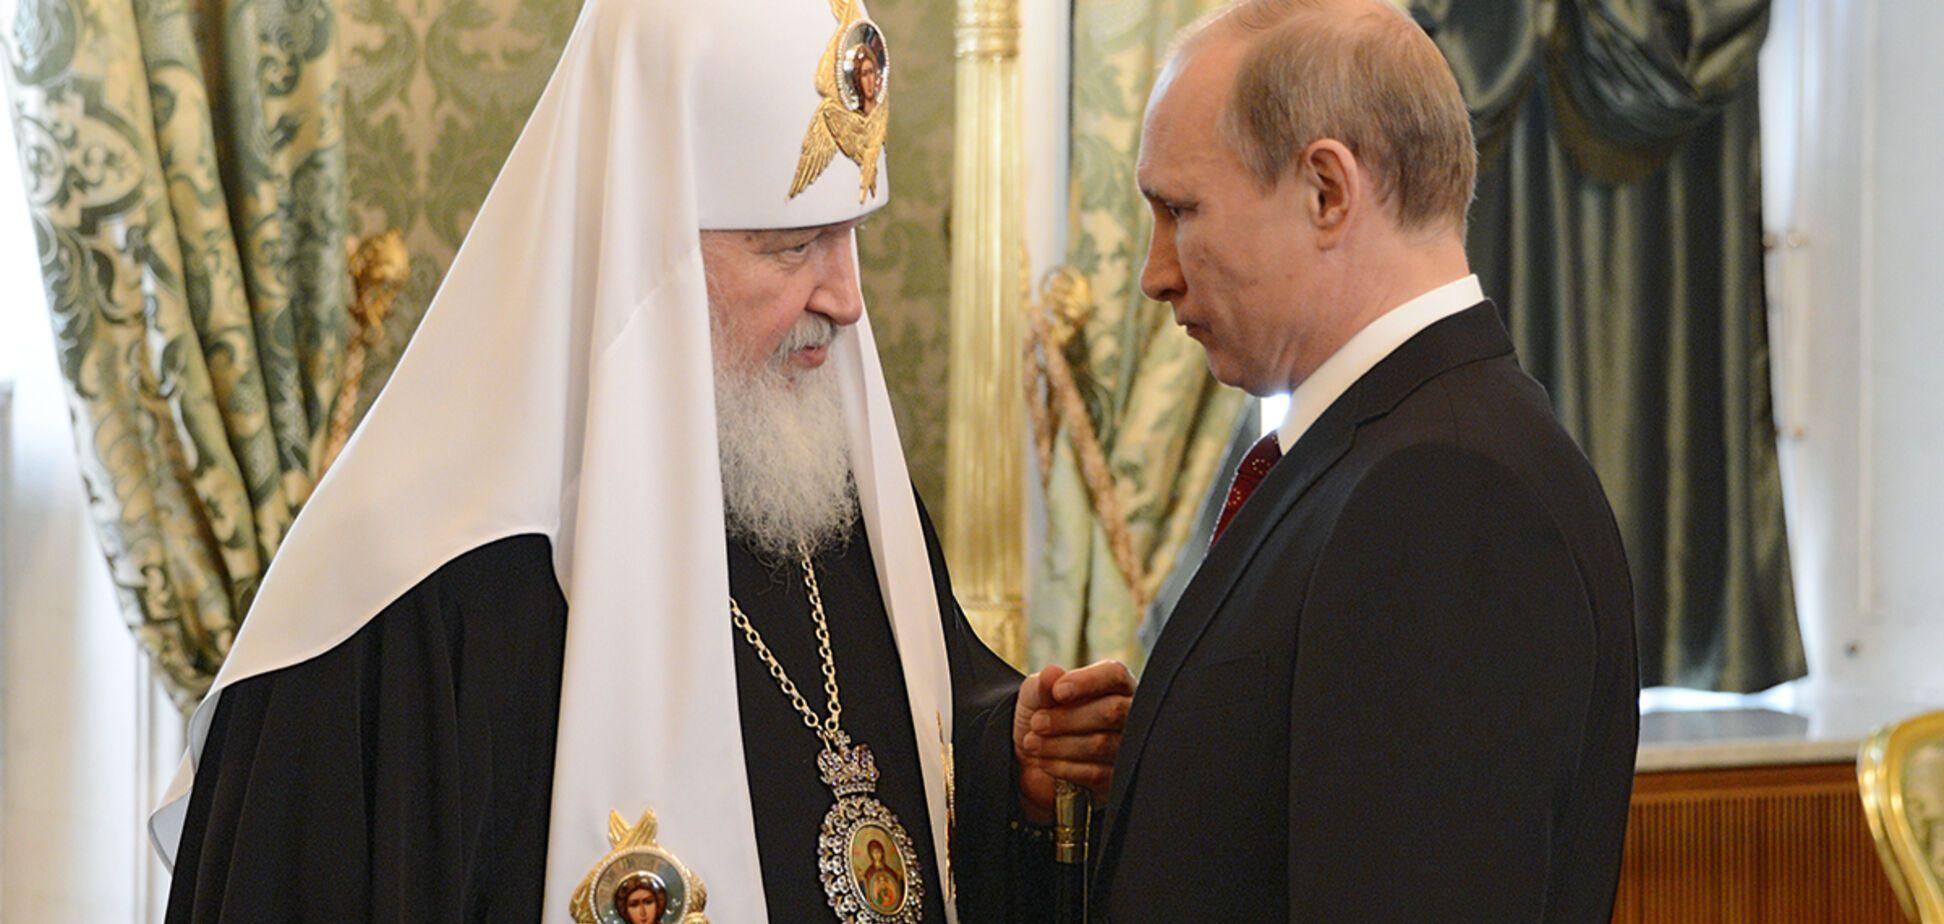 Кремлю нужна тотальная религиозная война в Украине: в УПЦ КП сделали заявление